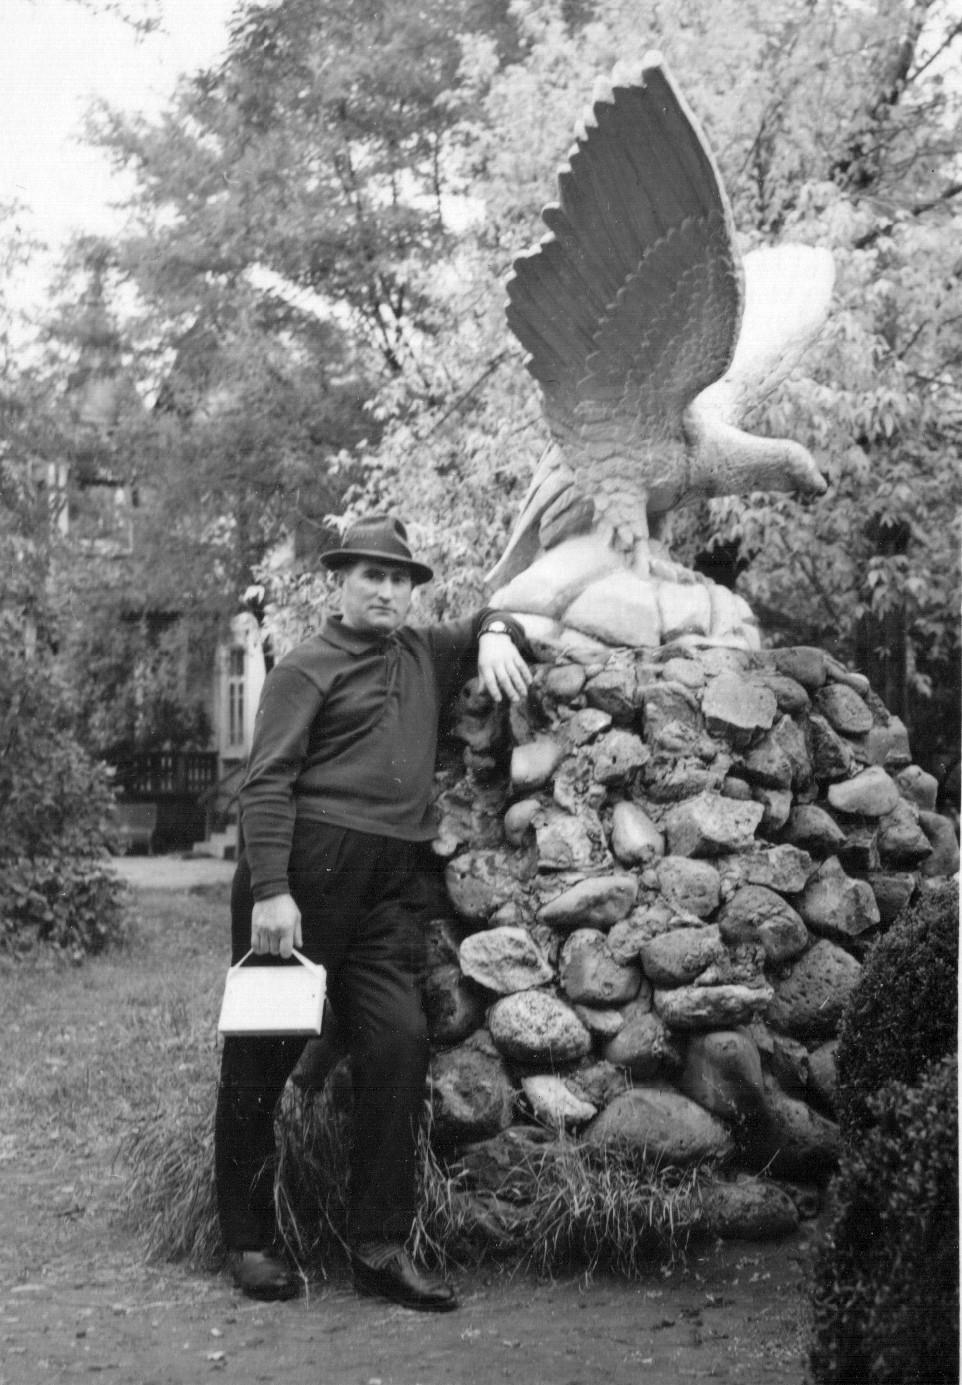 С орлом на пару. Пятигорск. 1965.